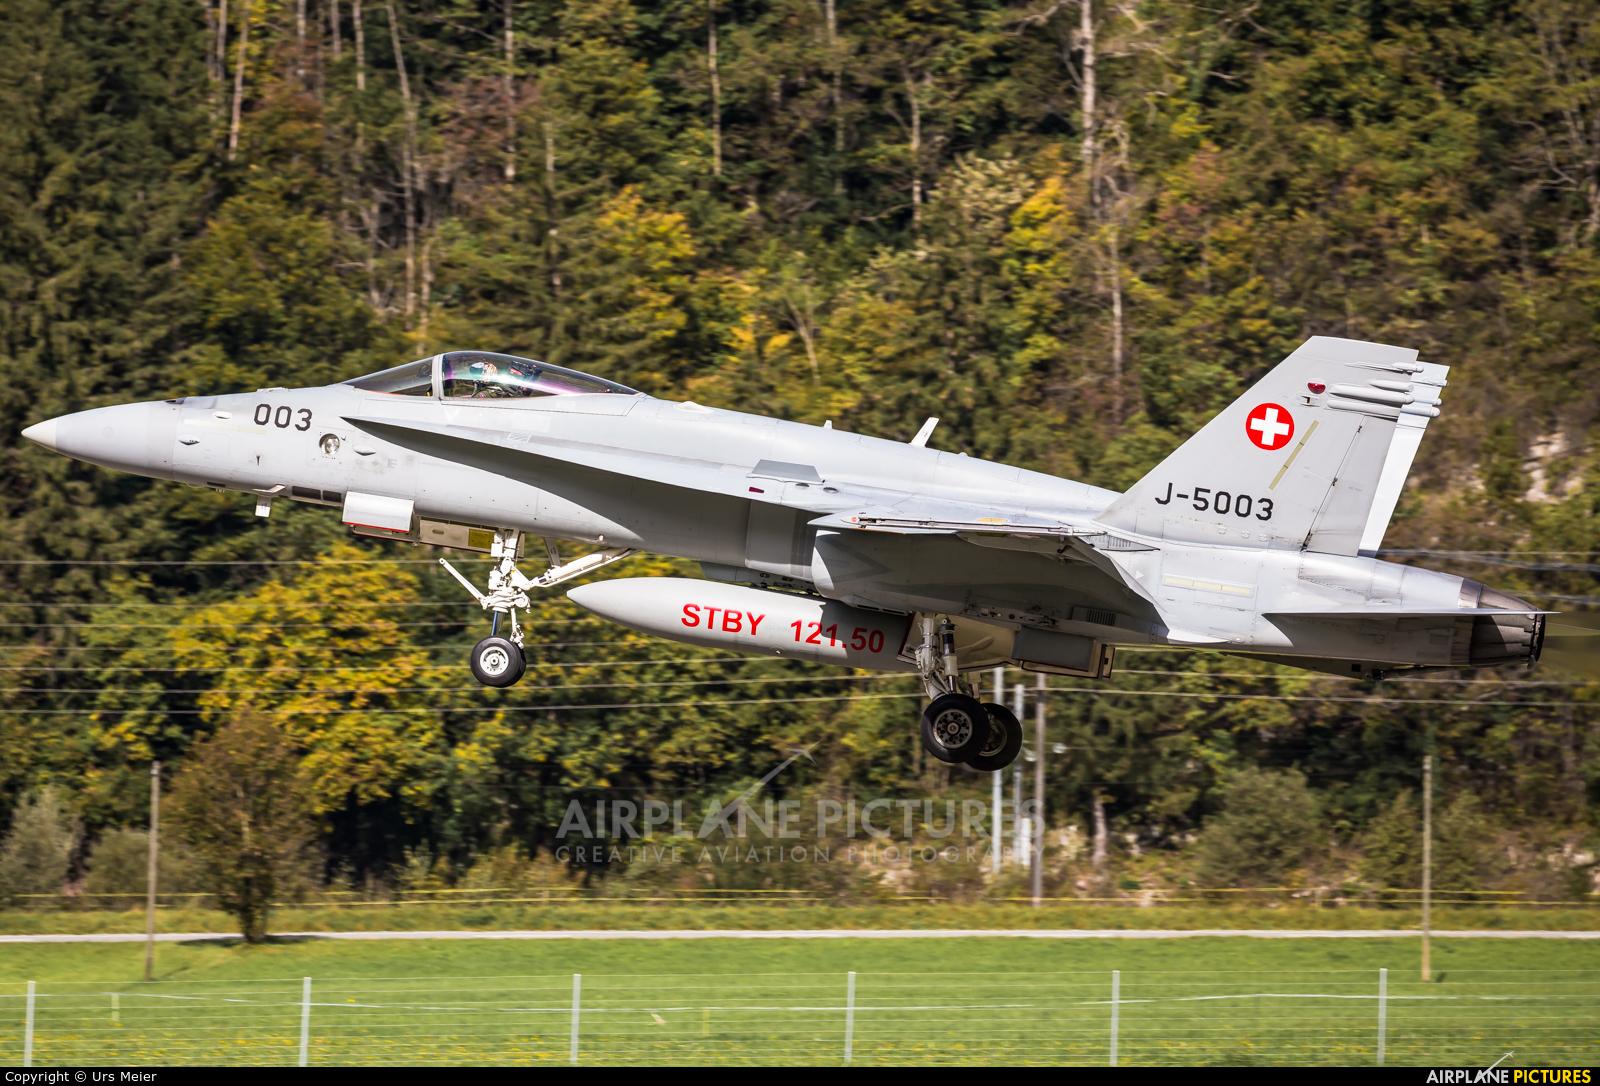 Switzerland - Air Force J-5003 aircraft at Meiringen